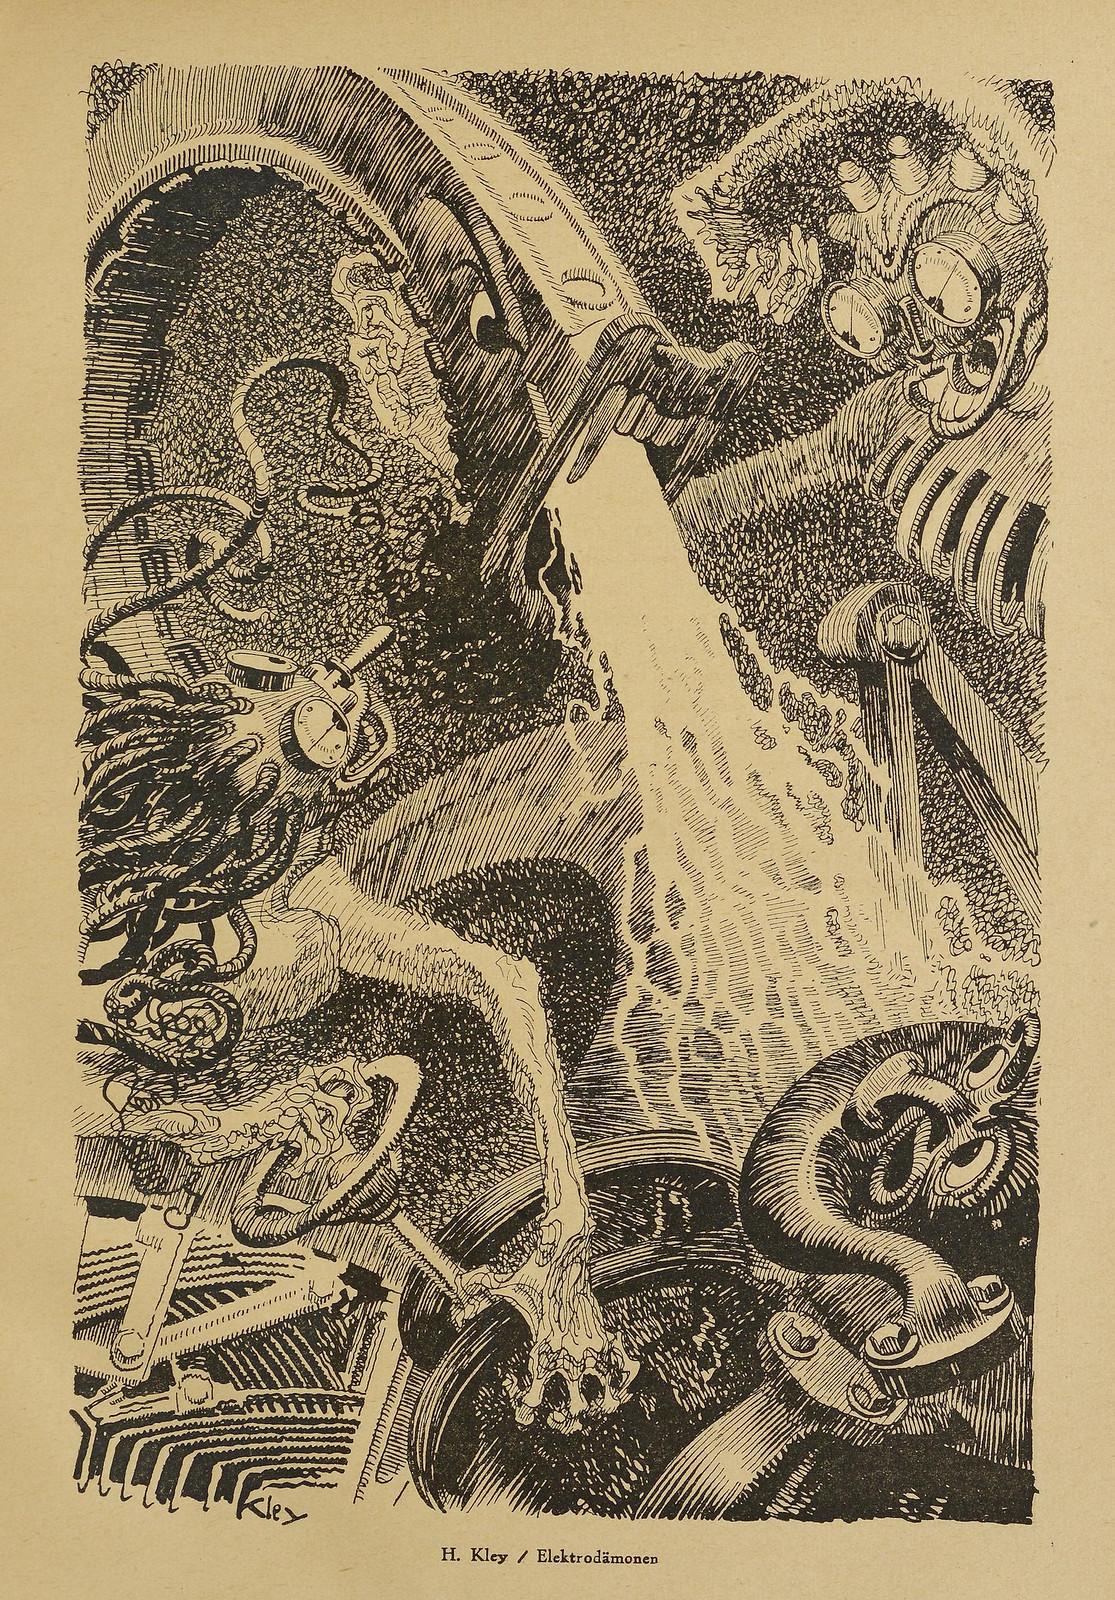 Heinrich Kley - Der Orchideengarten - 1920, Heinrich Kley - Elektrodamonen